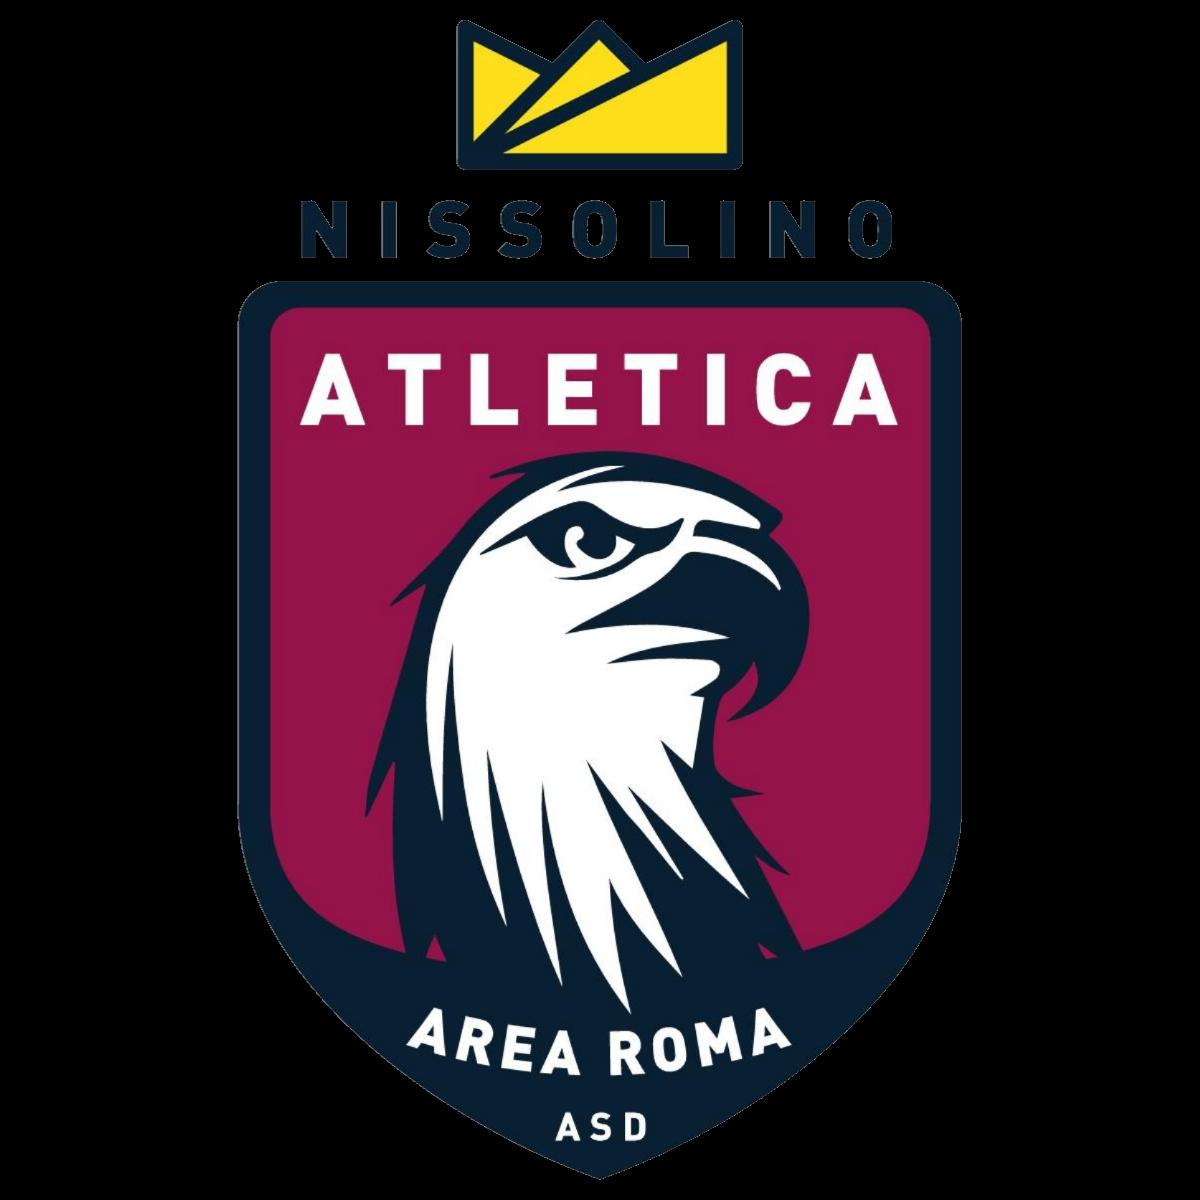 Nissolino Atletica AREA ROMA